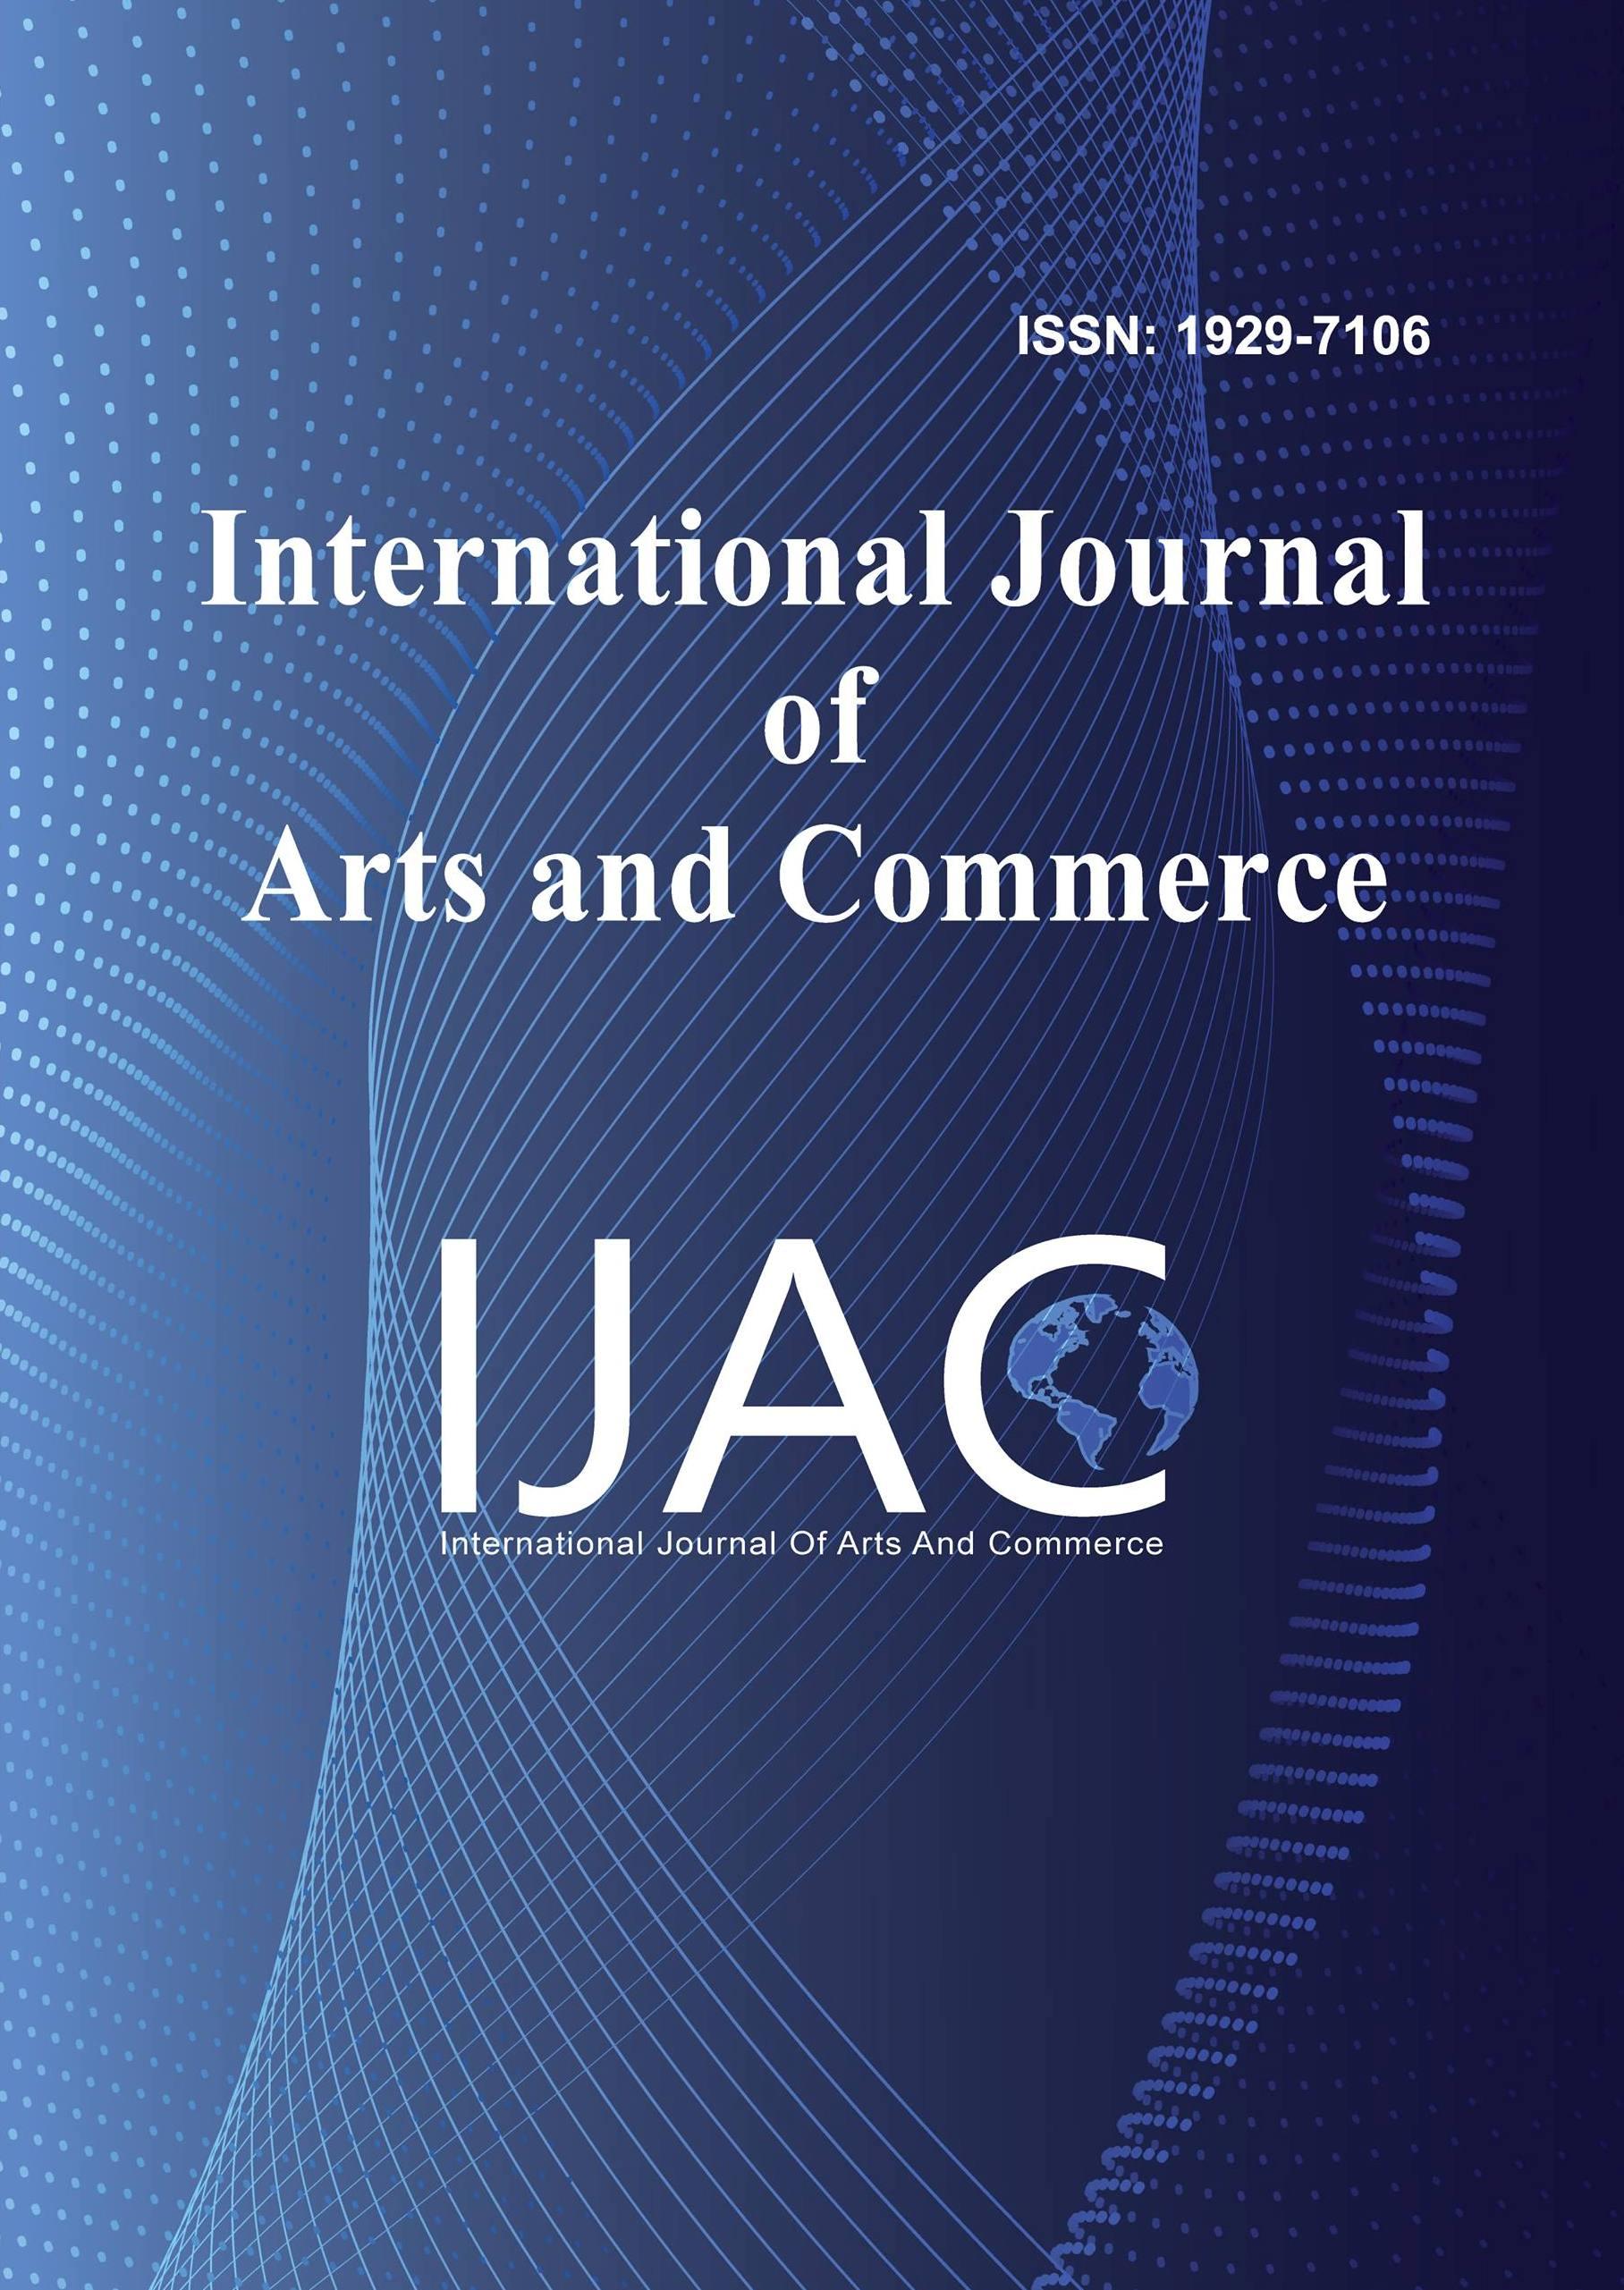 IJAC Cover